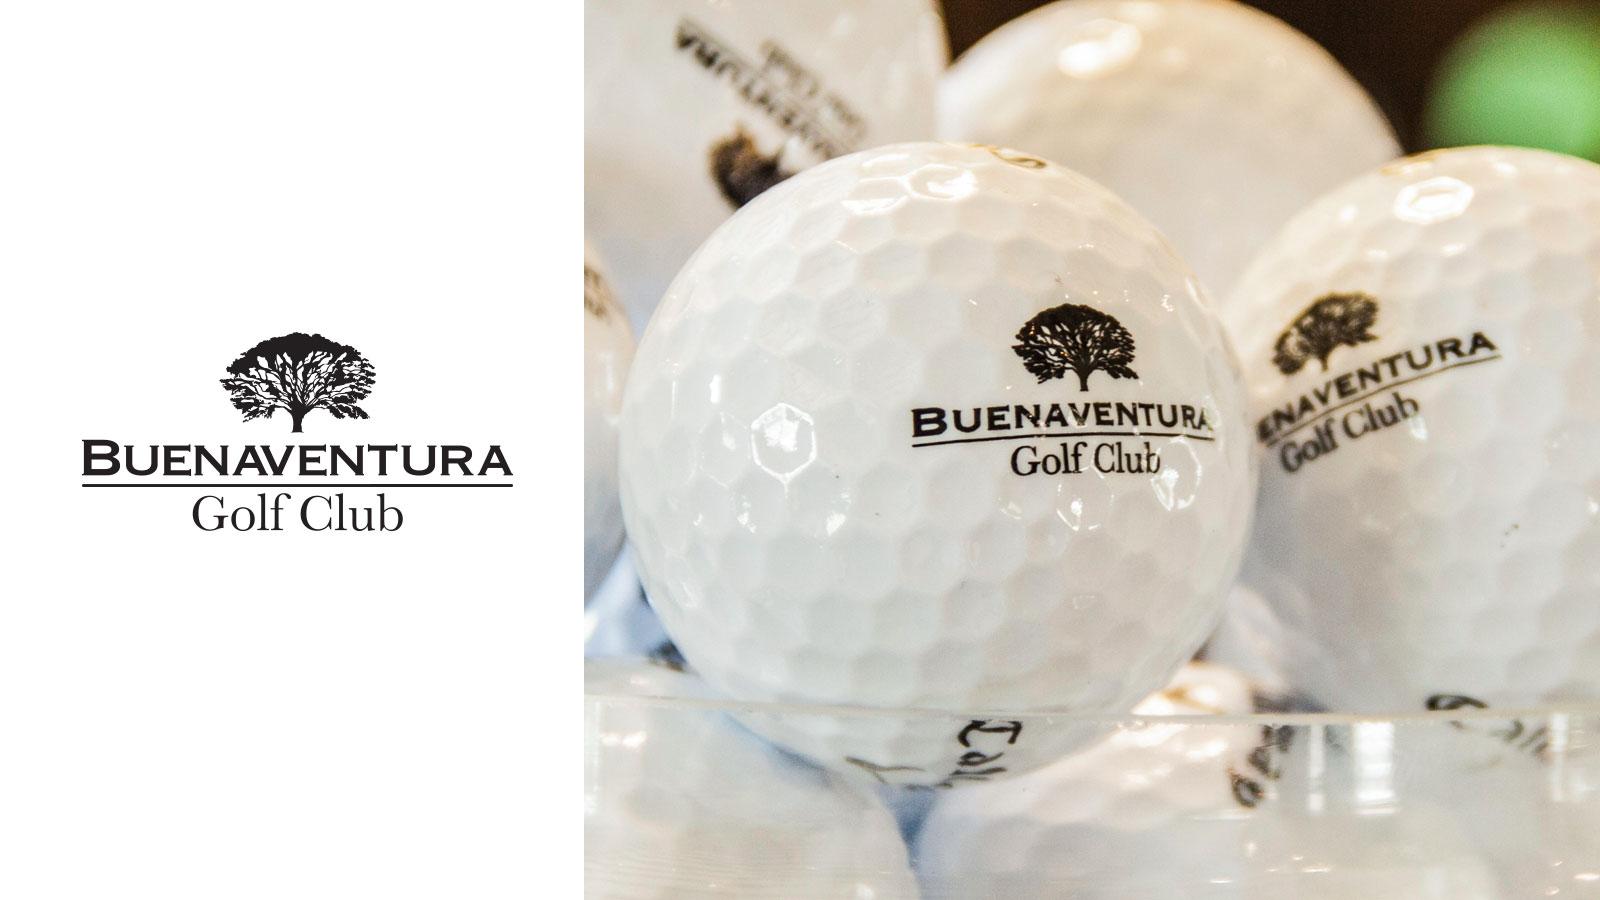 Buenaventura-06